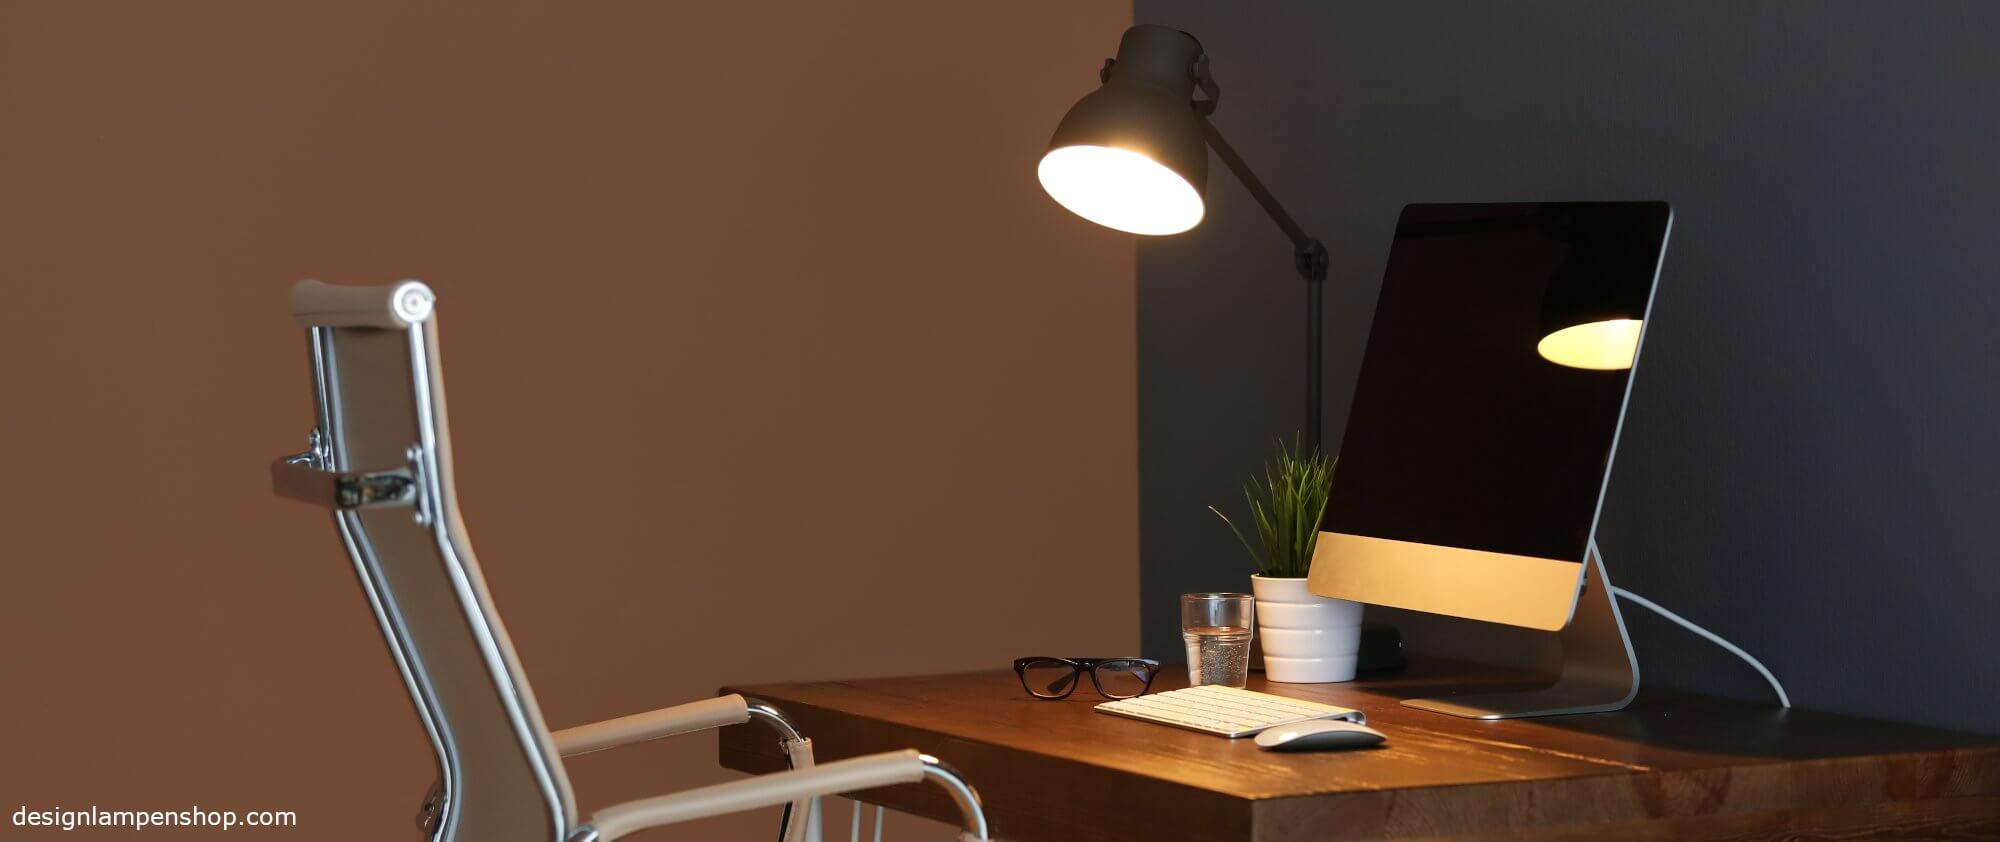 Schreibtischlampe auf Schreibtisch